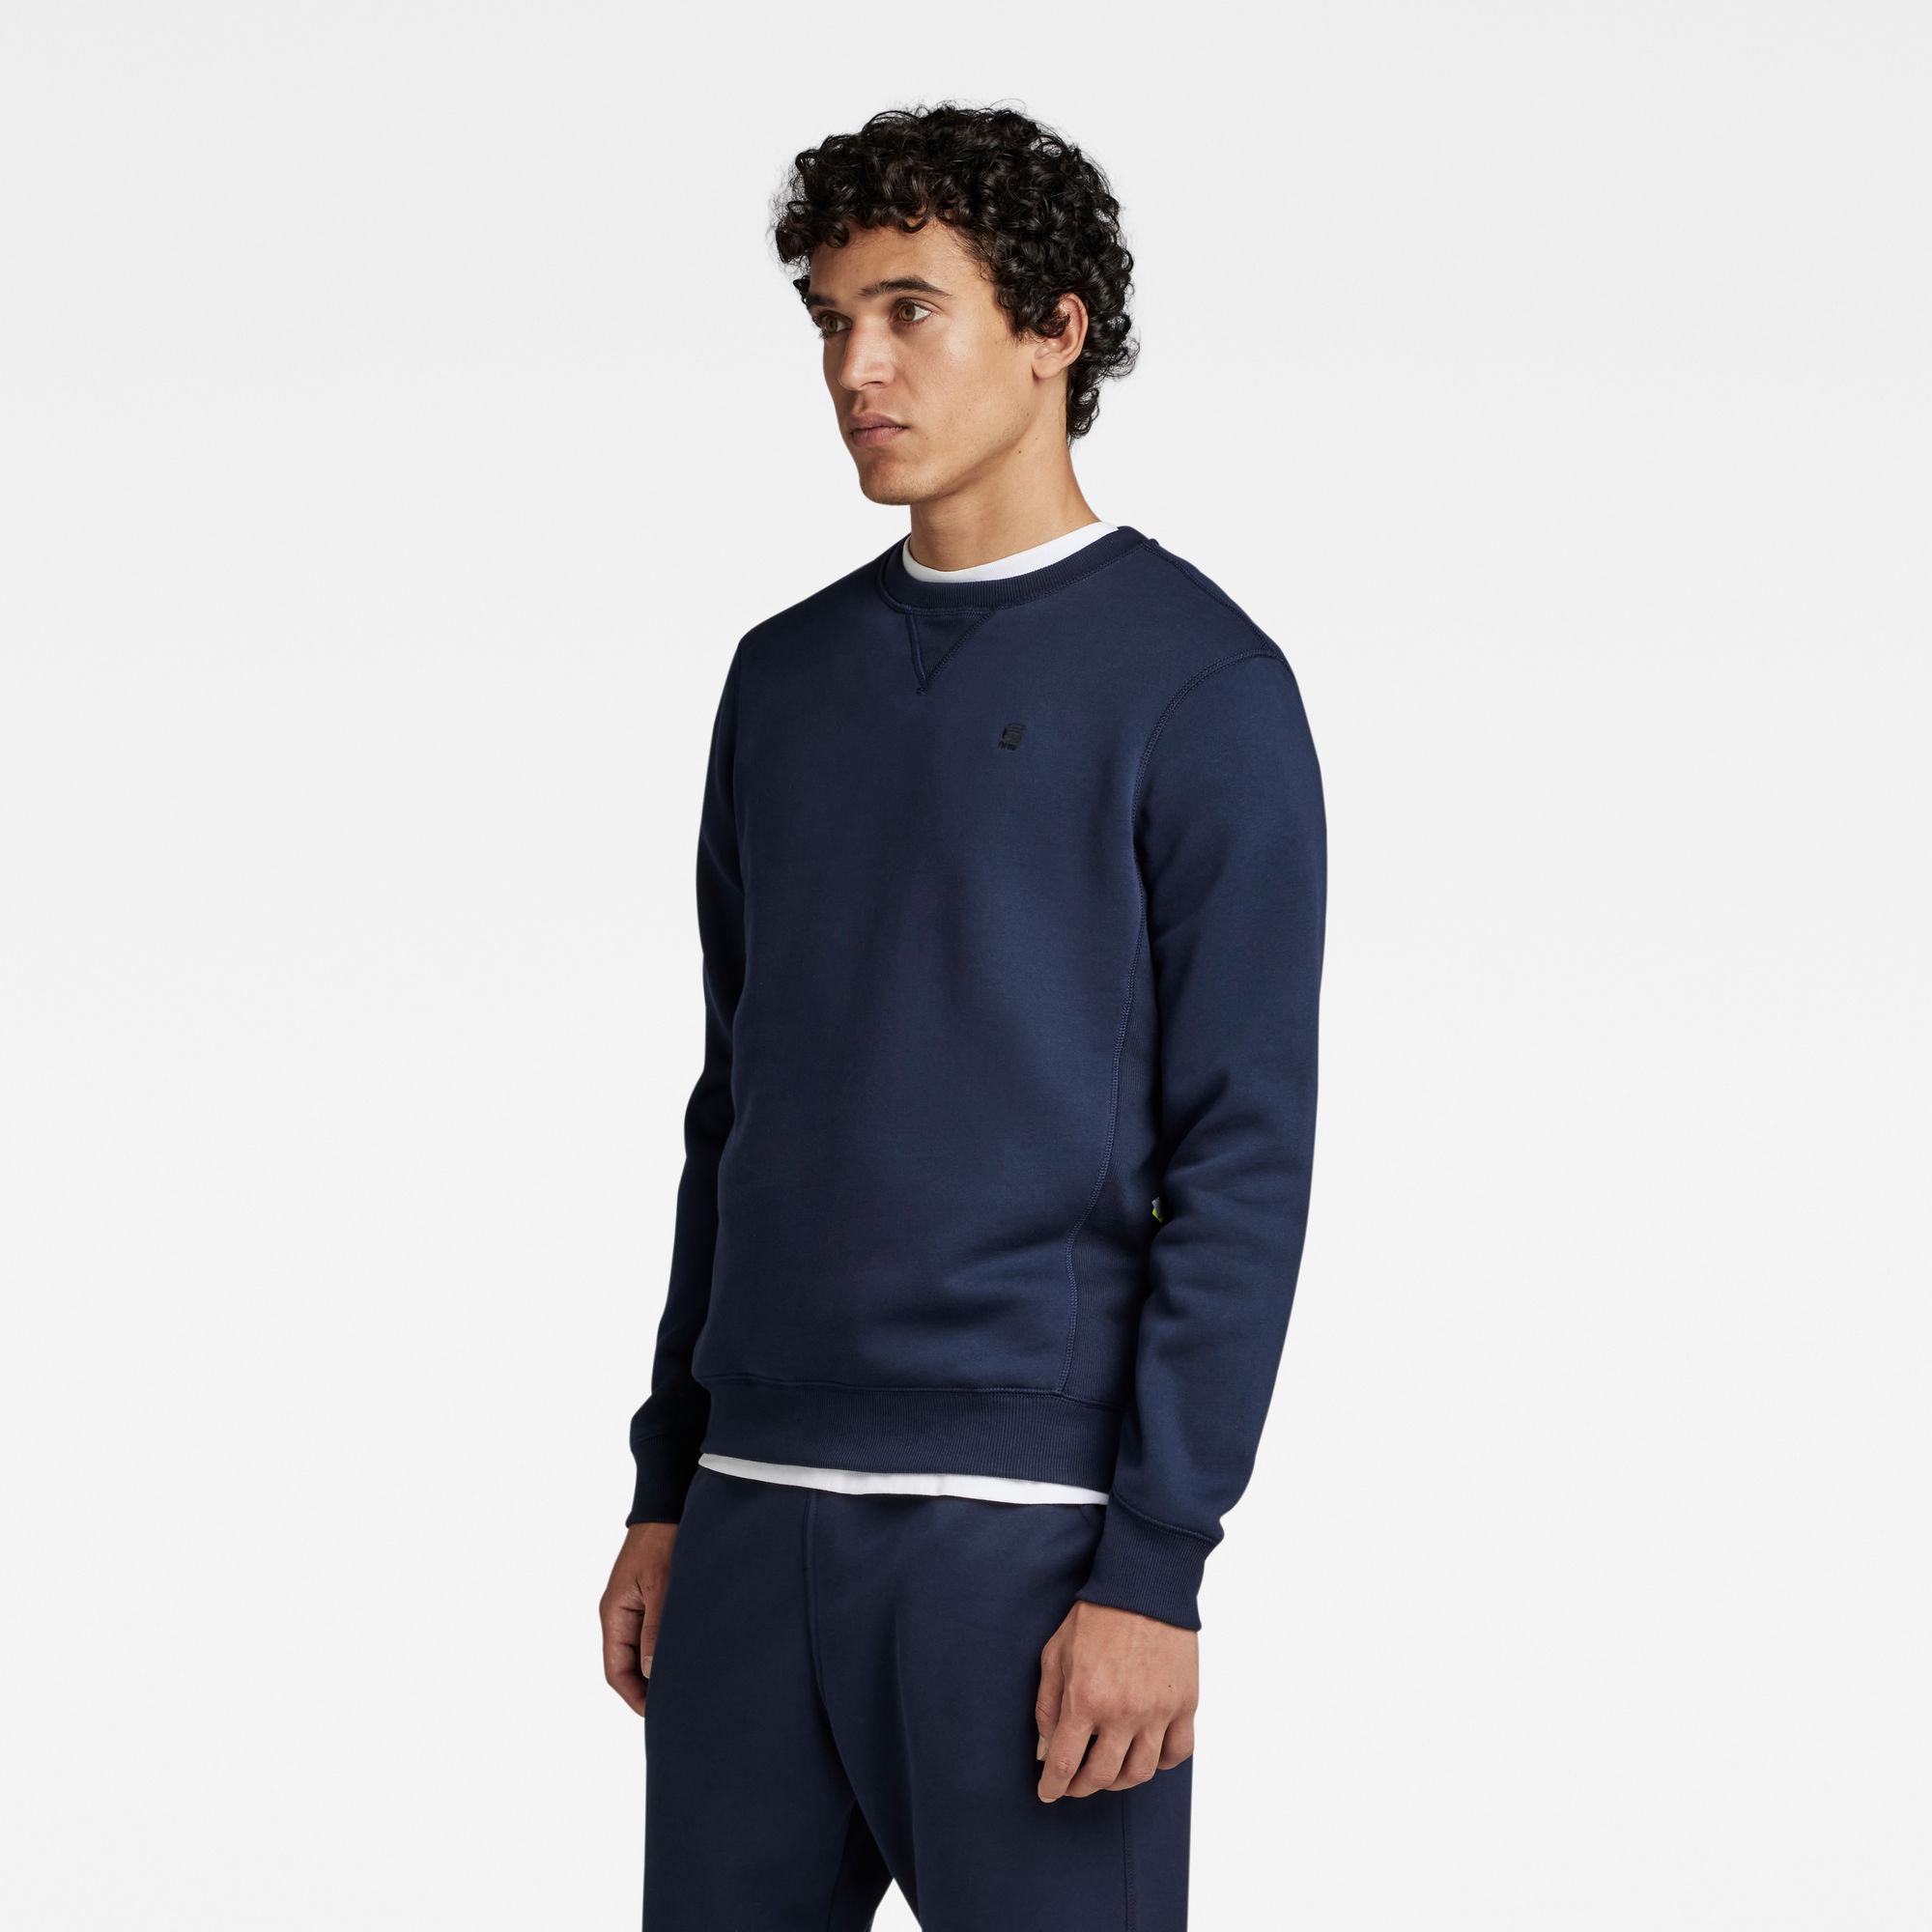 G-Star RAW Premium Core Sweater